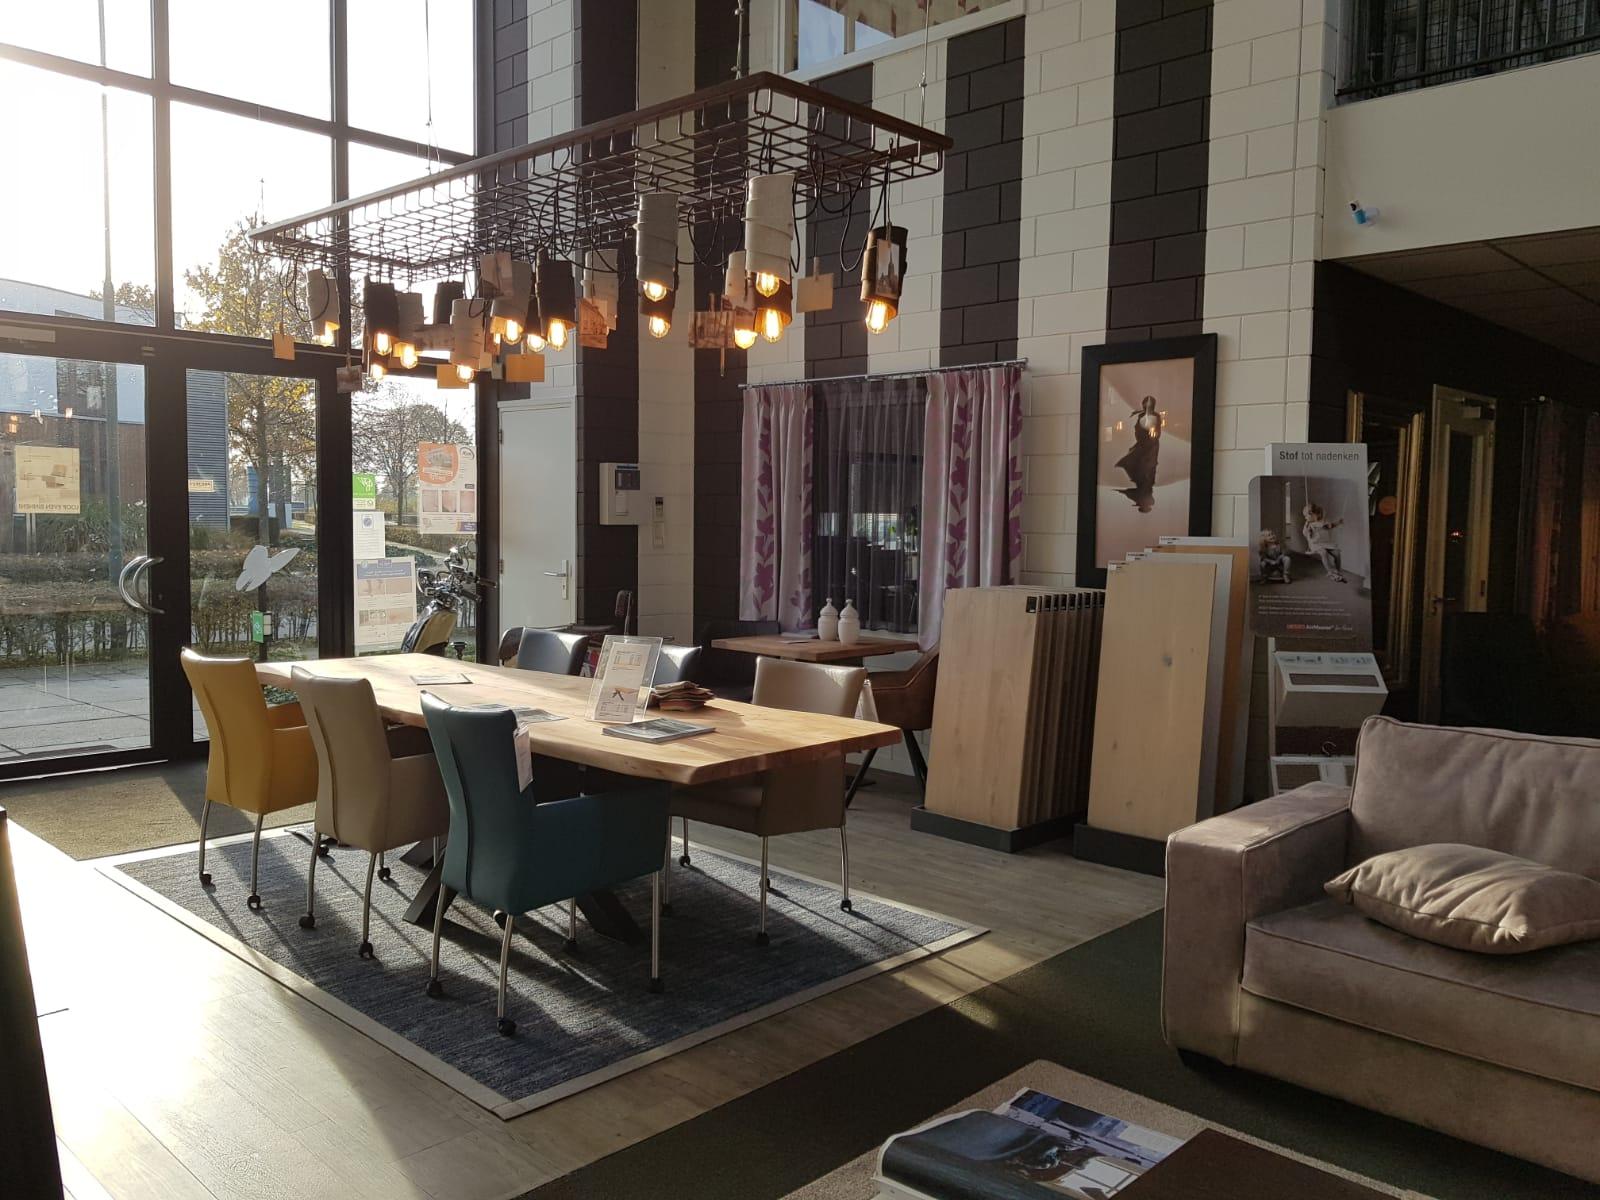 Interieur Design Gemert.Home Pvs Meubelen